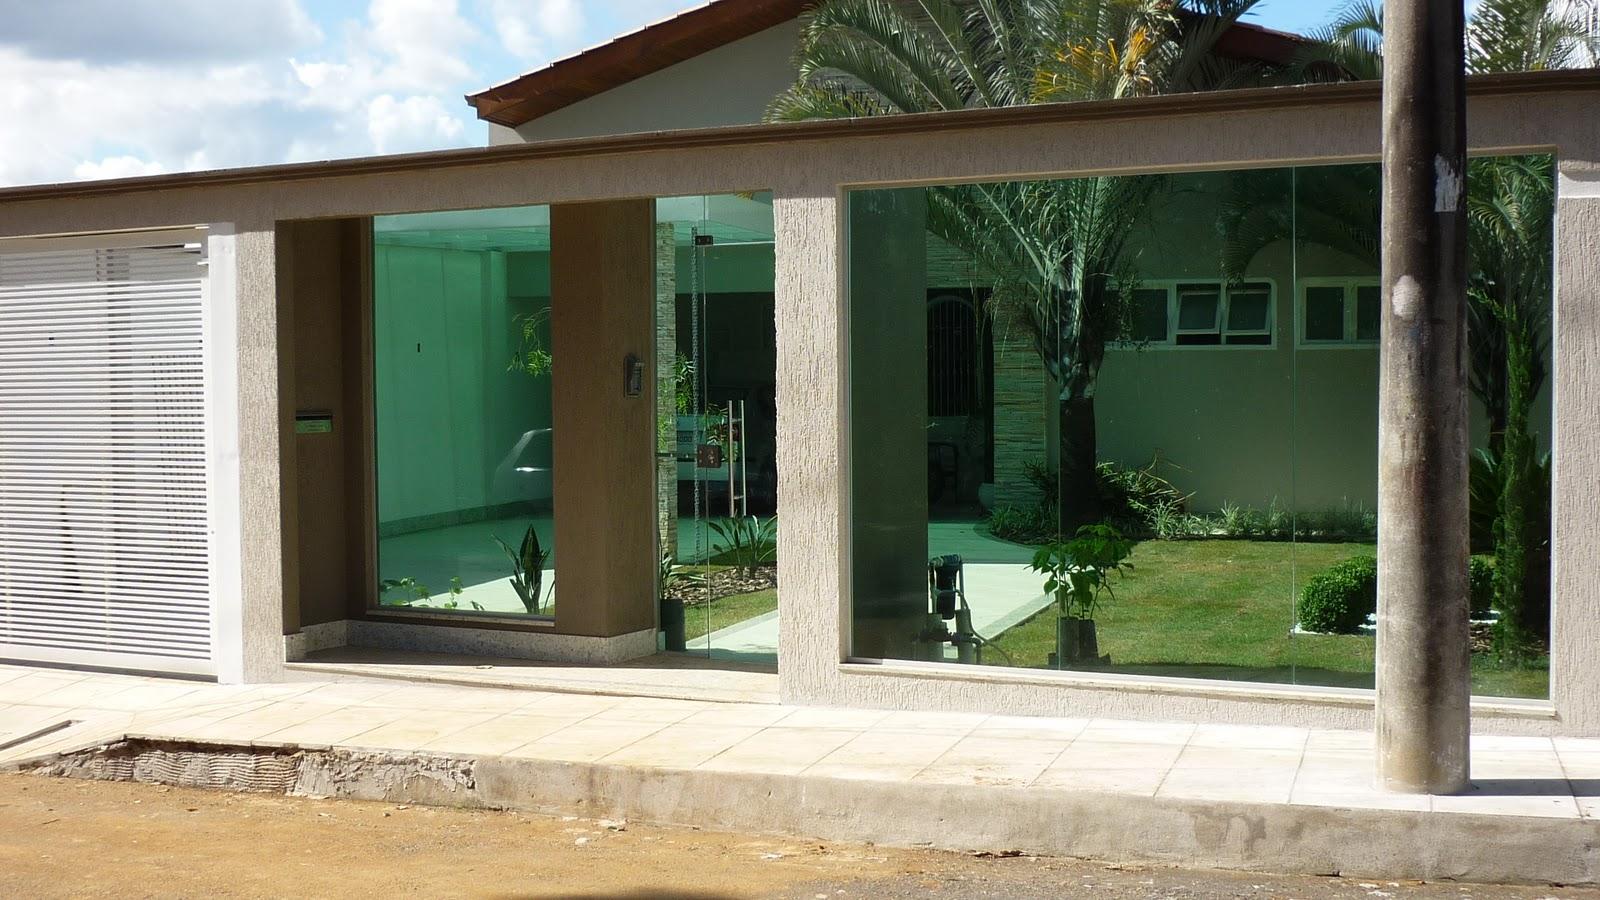 Fachadas de casas com muros residenciais: Modelos